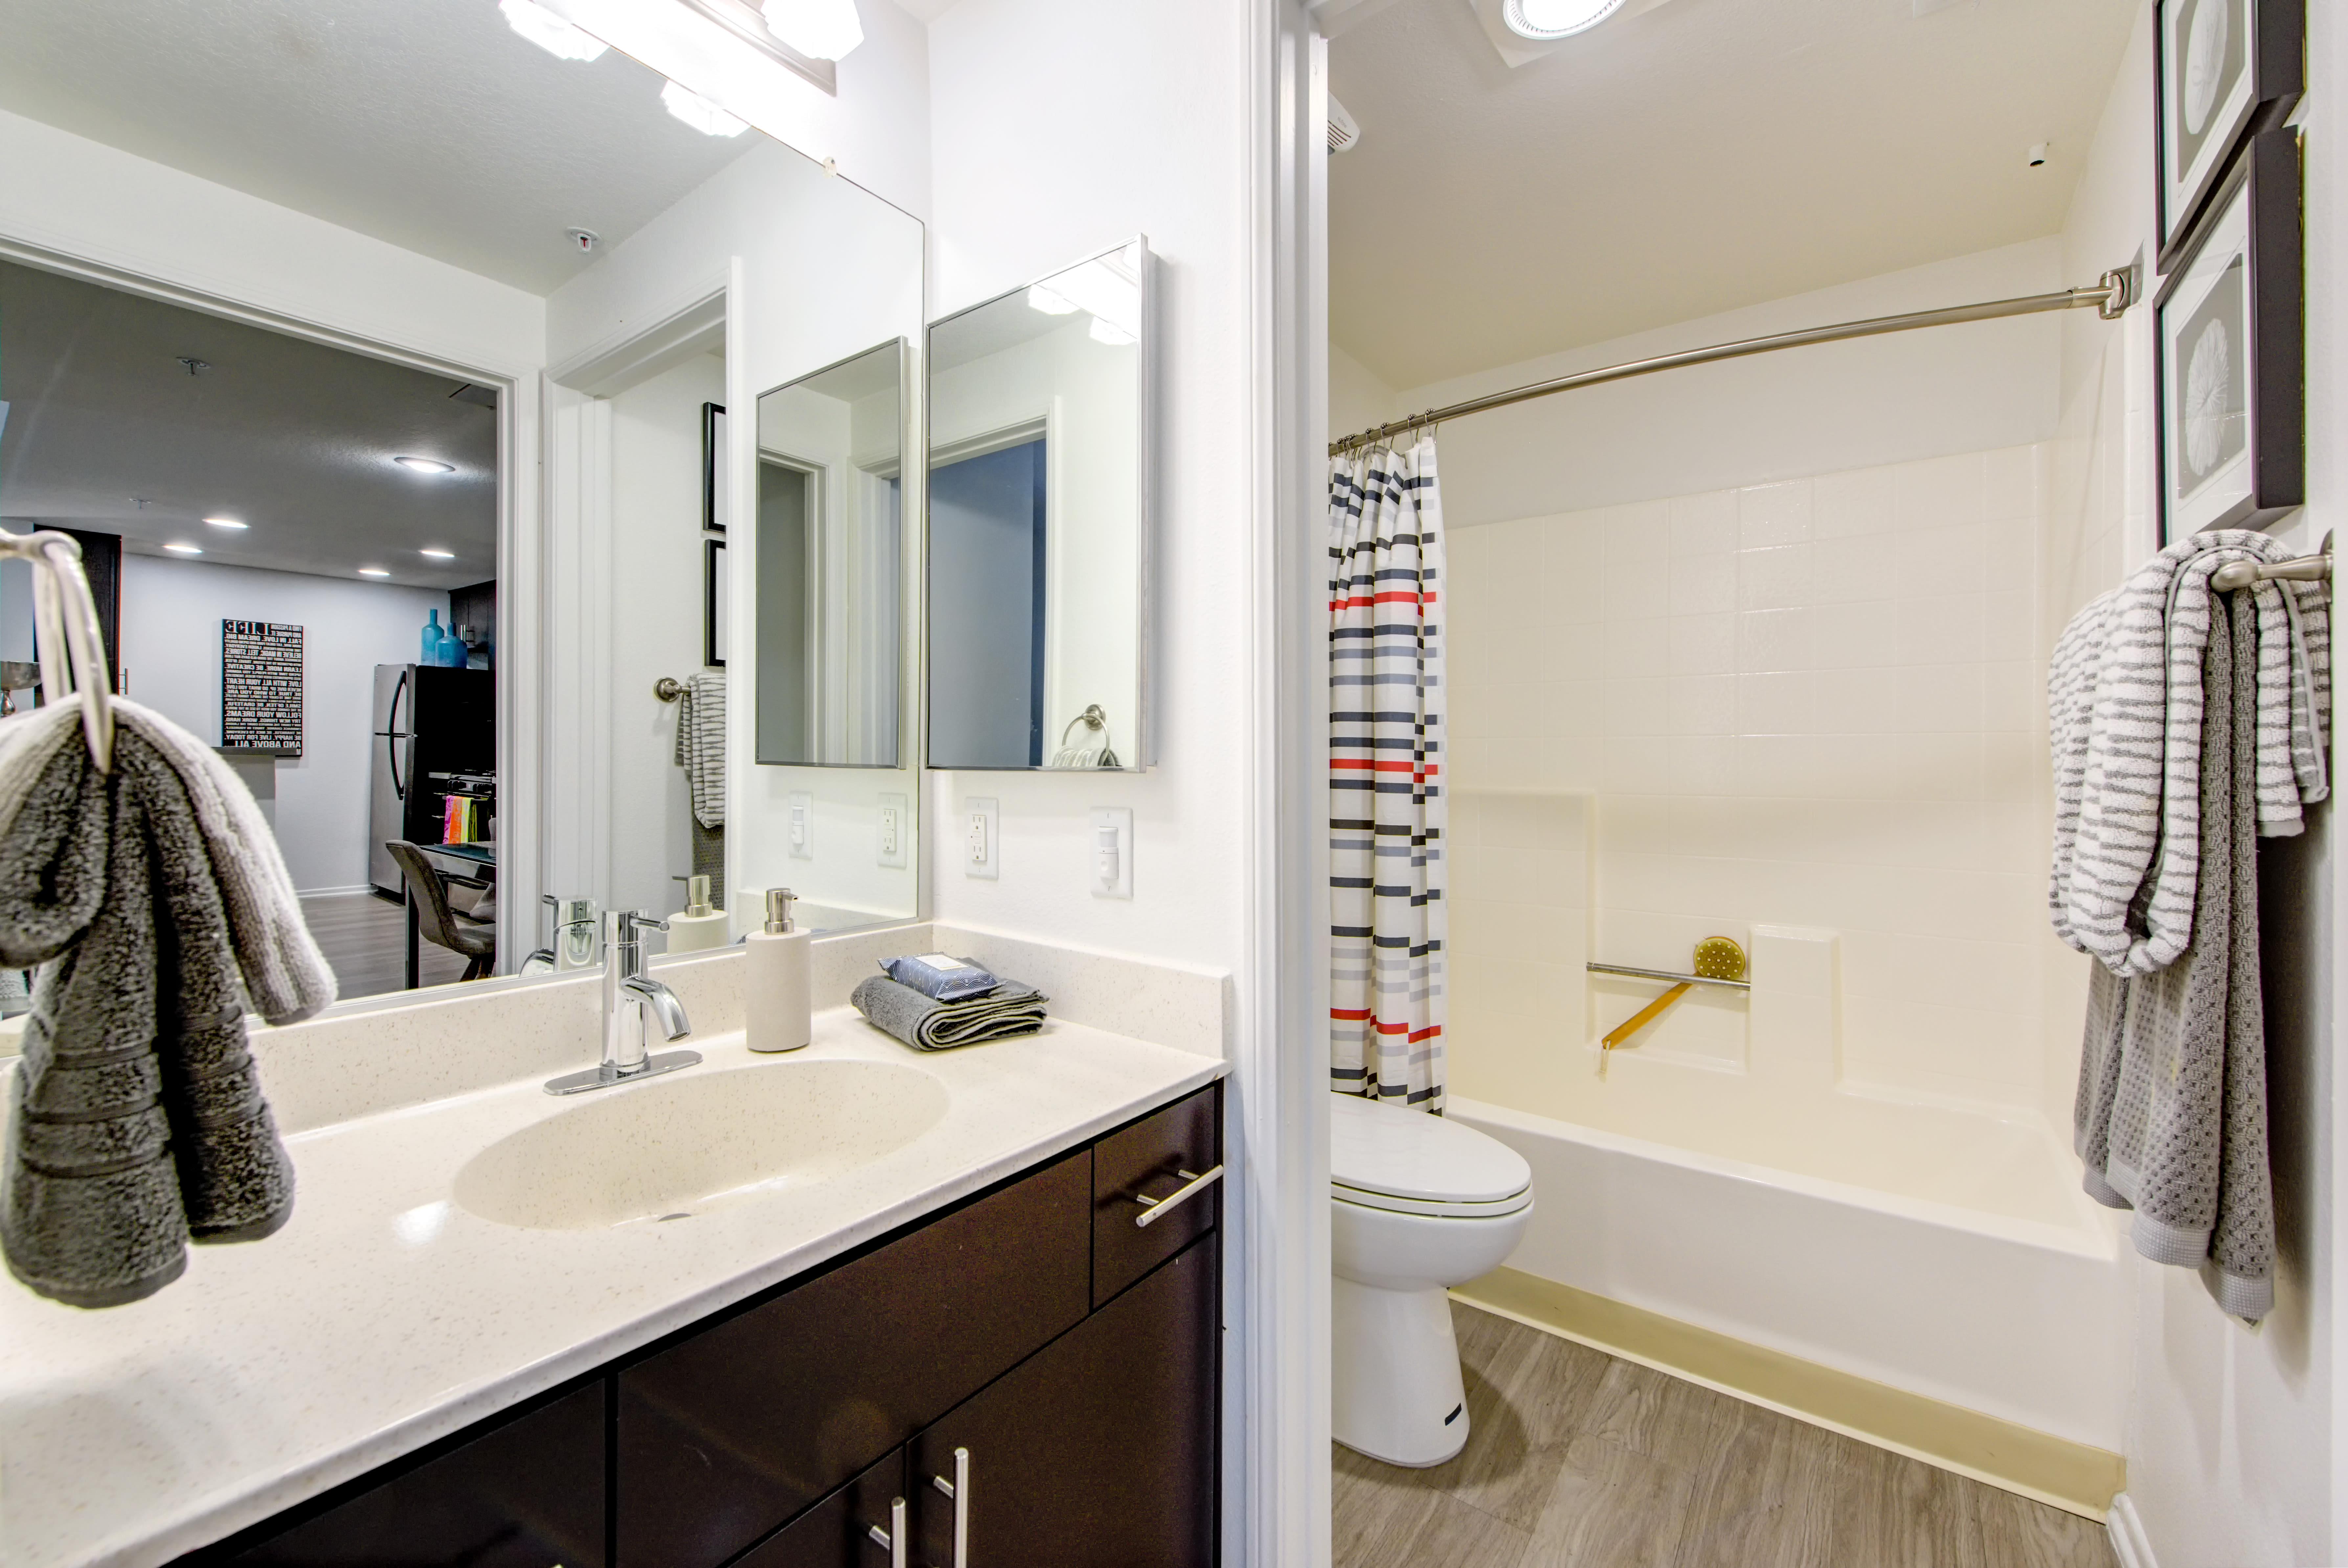 Bathroom at Sofi at 3rd in Long Beach, CA